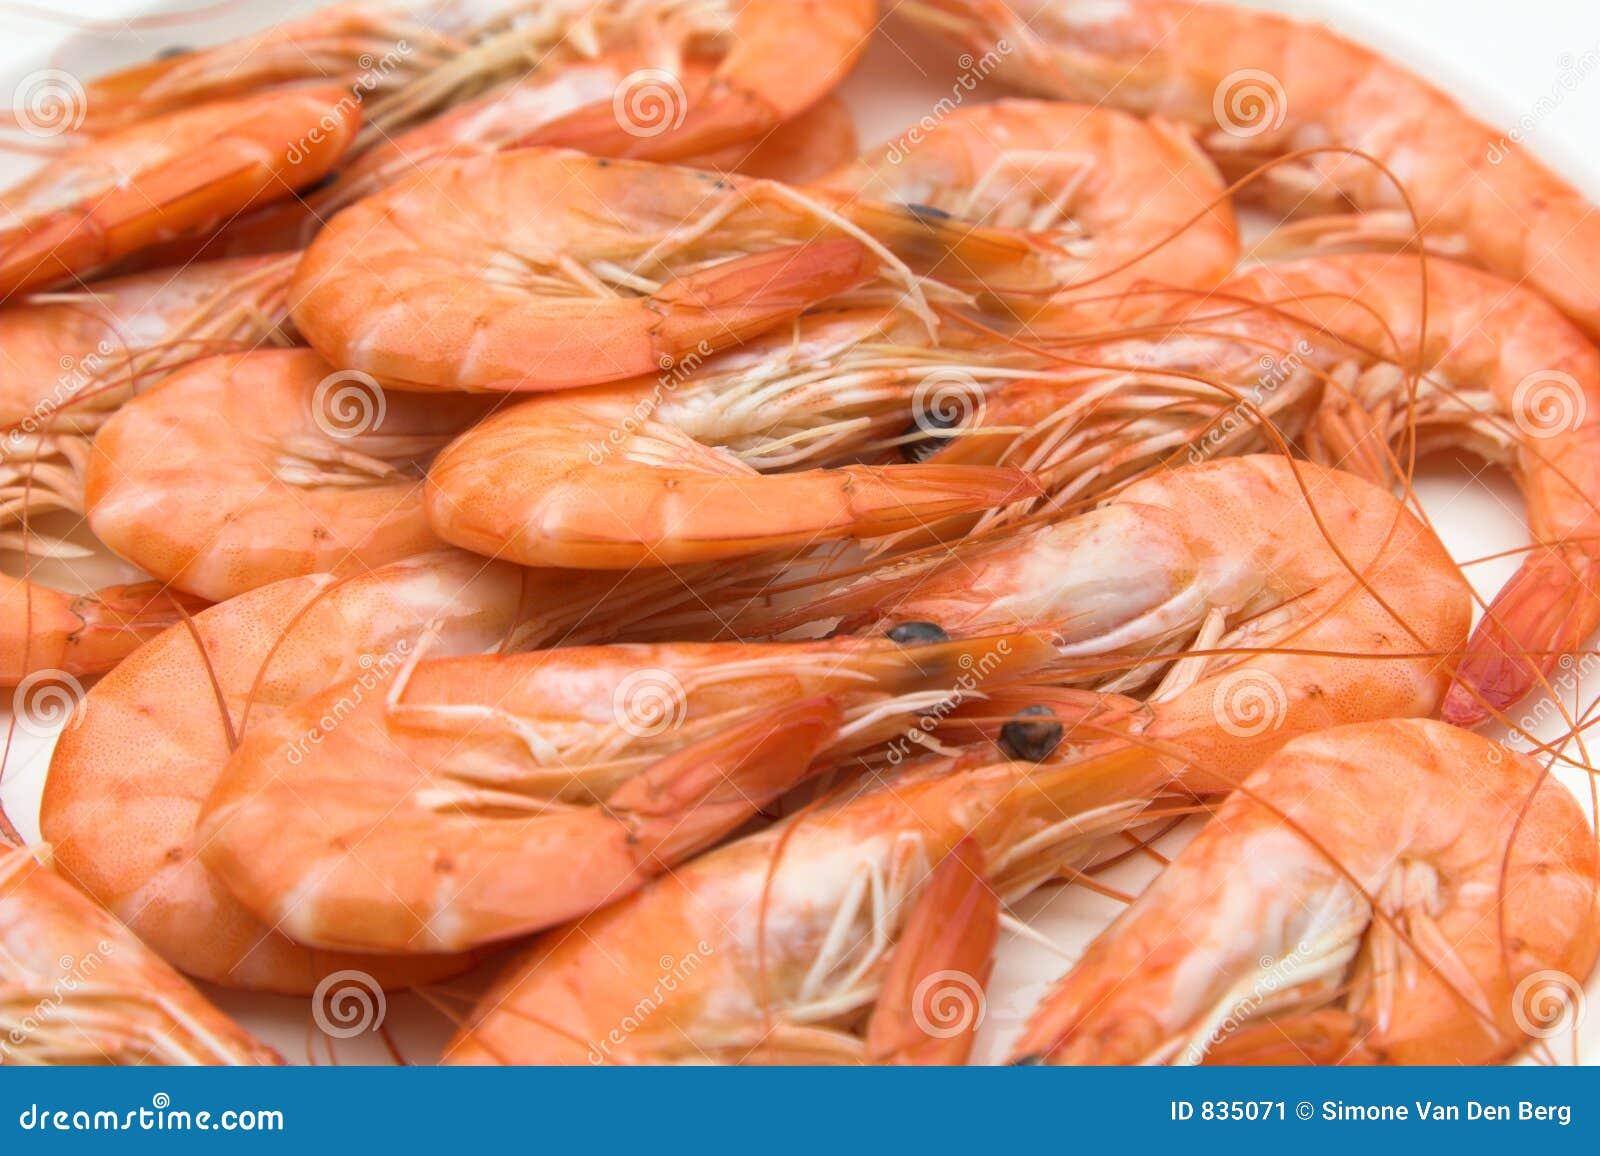 Plaque des crevettes roses